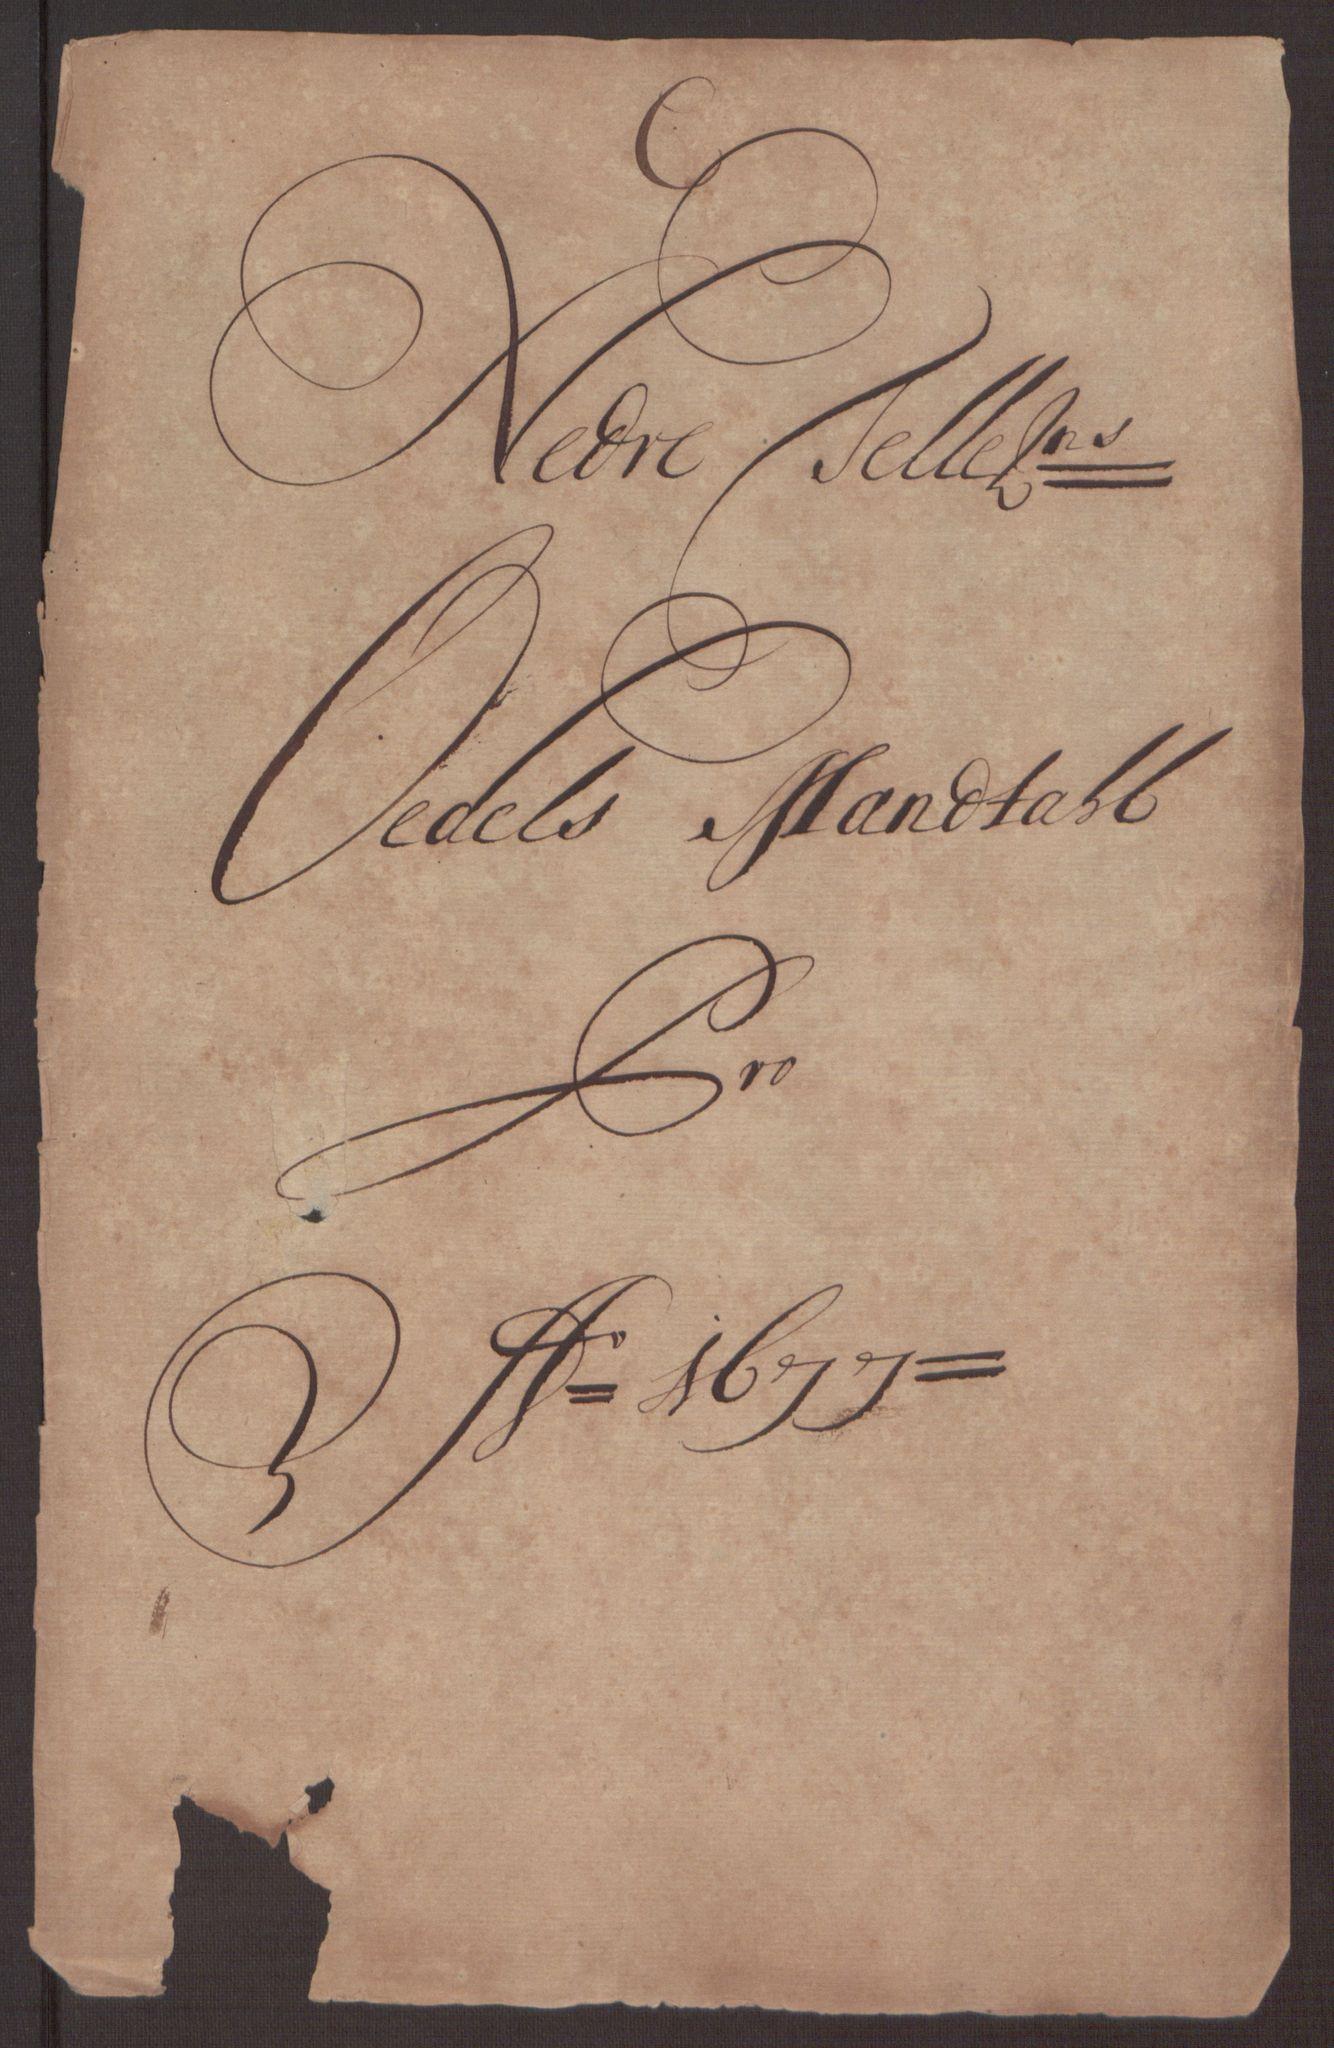 RA, Rentekammeret inntil 1814, Reviderte regnskaper, Fogderegnskap, R35/L2068: Fogderegnskap Øvre og Nedre Telemark, 1677, s. 81